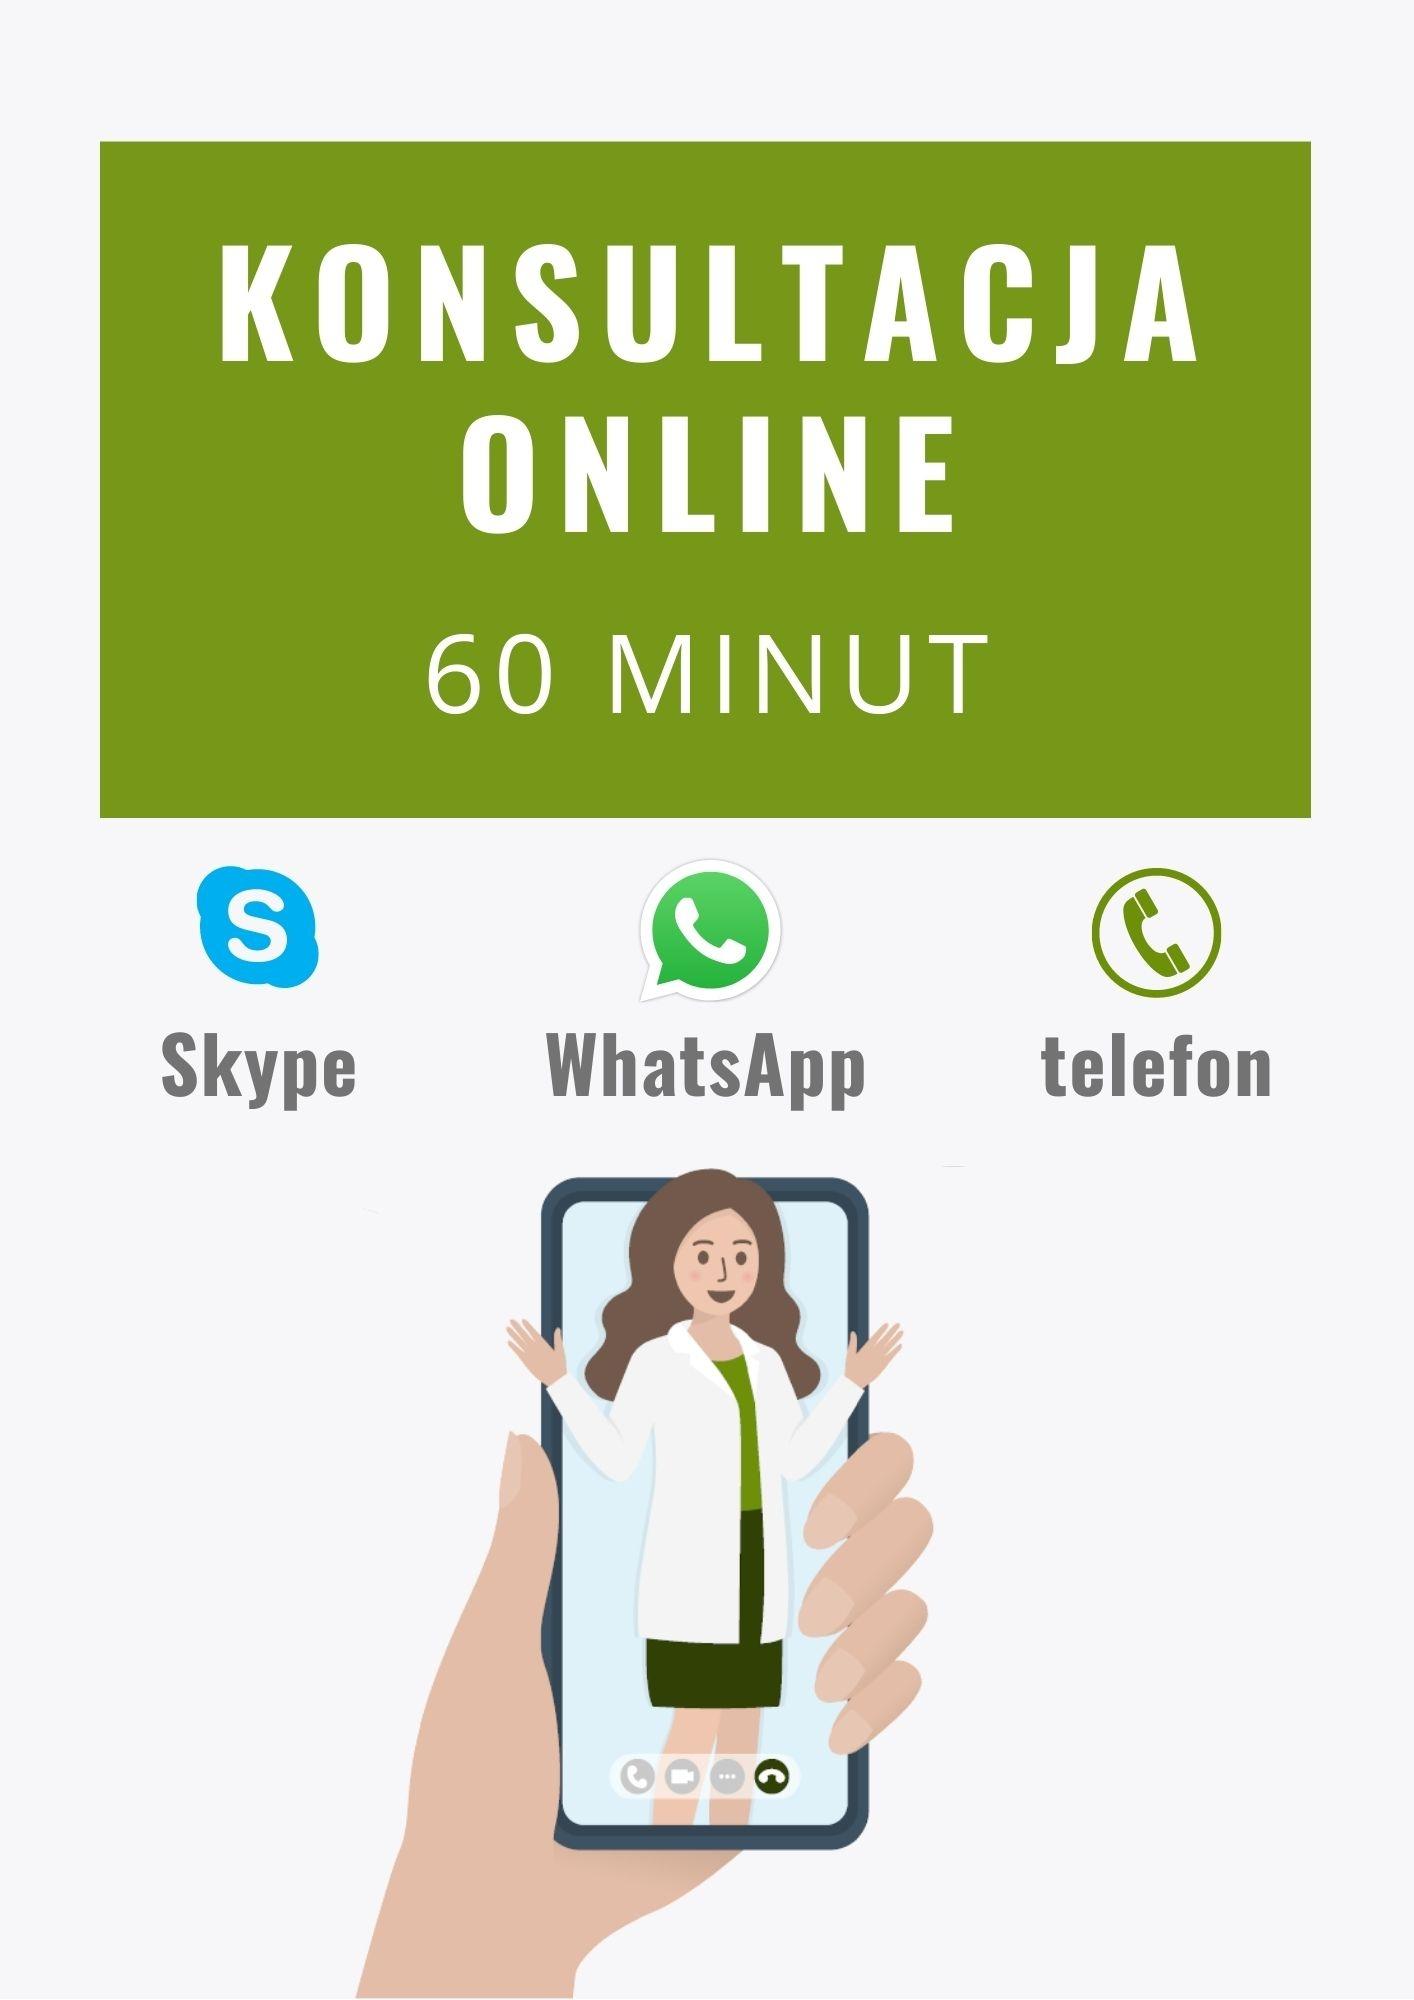 Konsultacja online z dietetykiem 60 minut